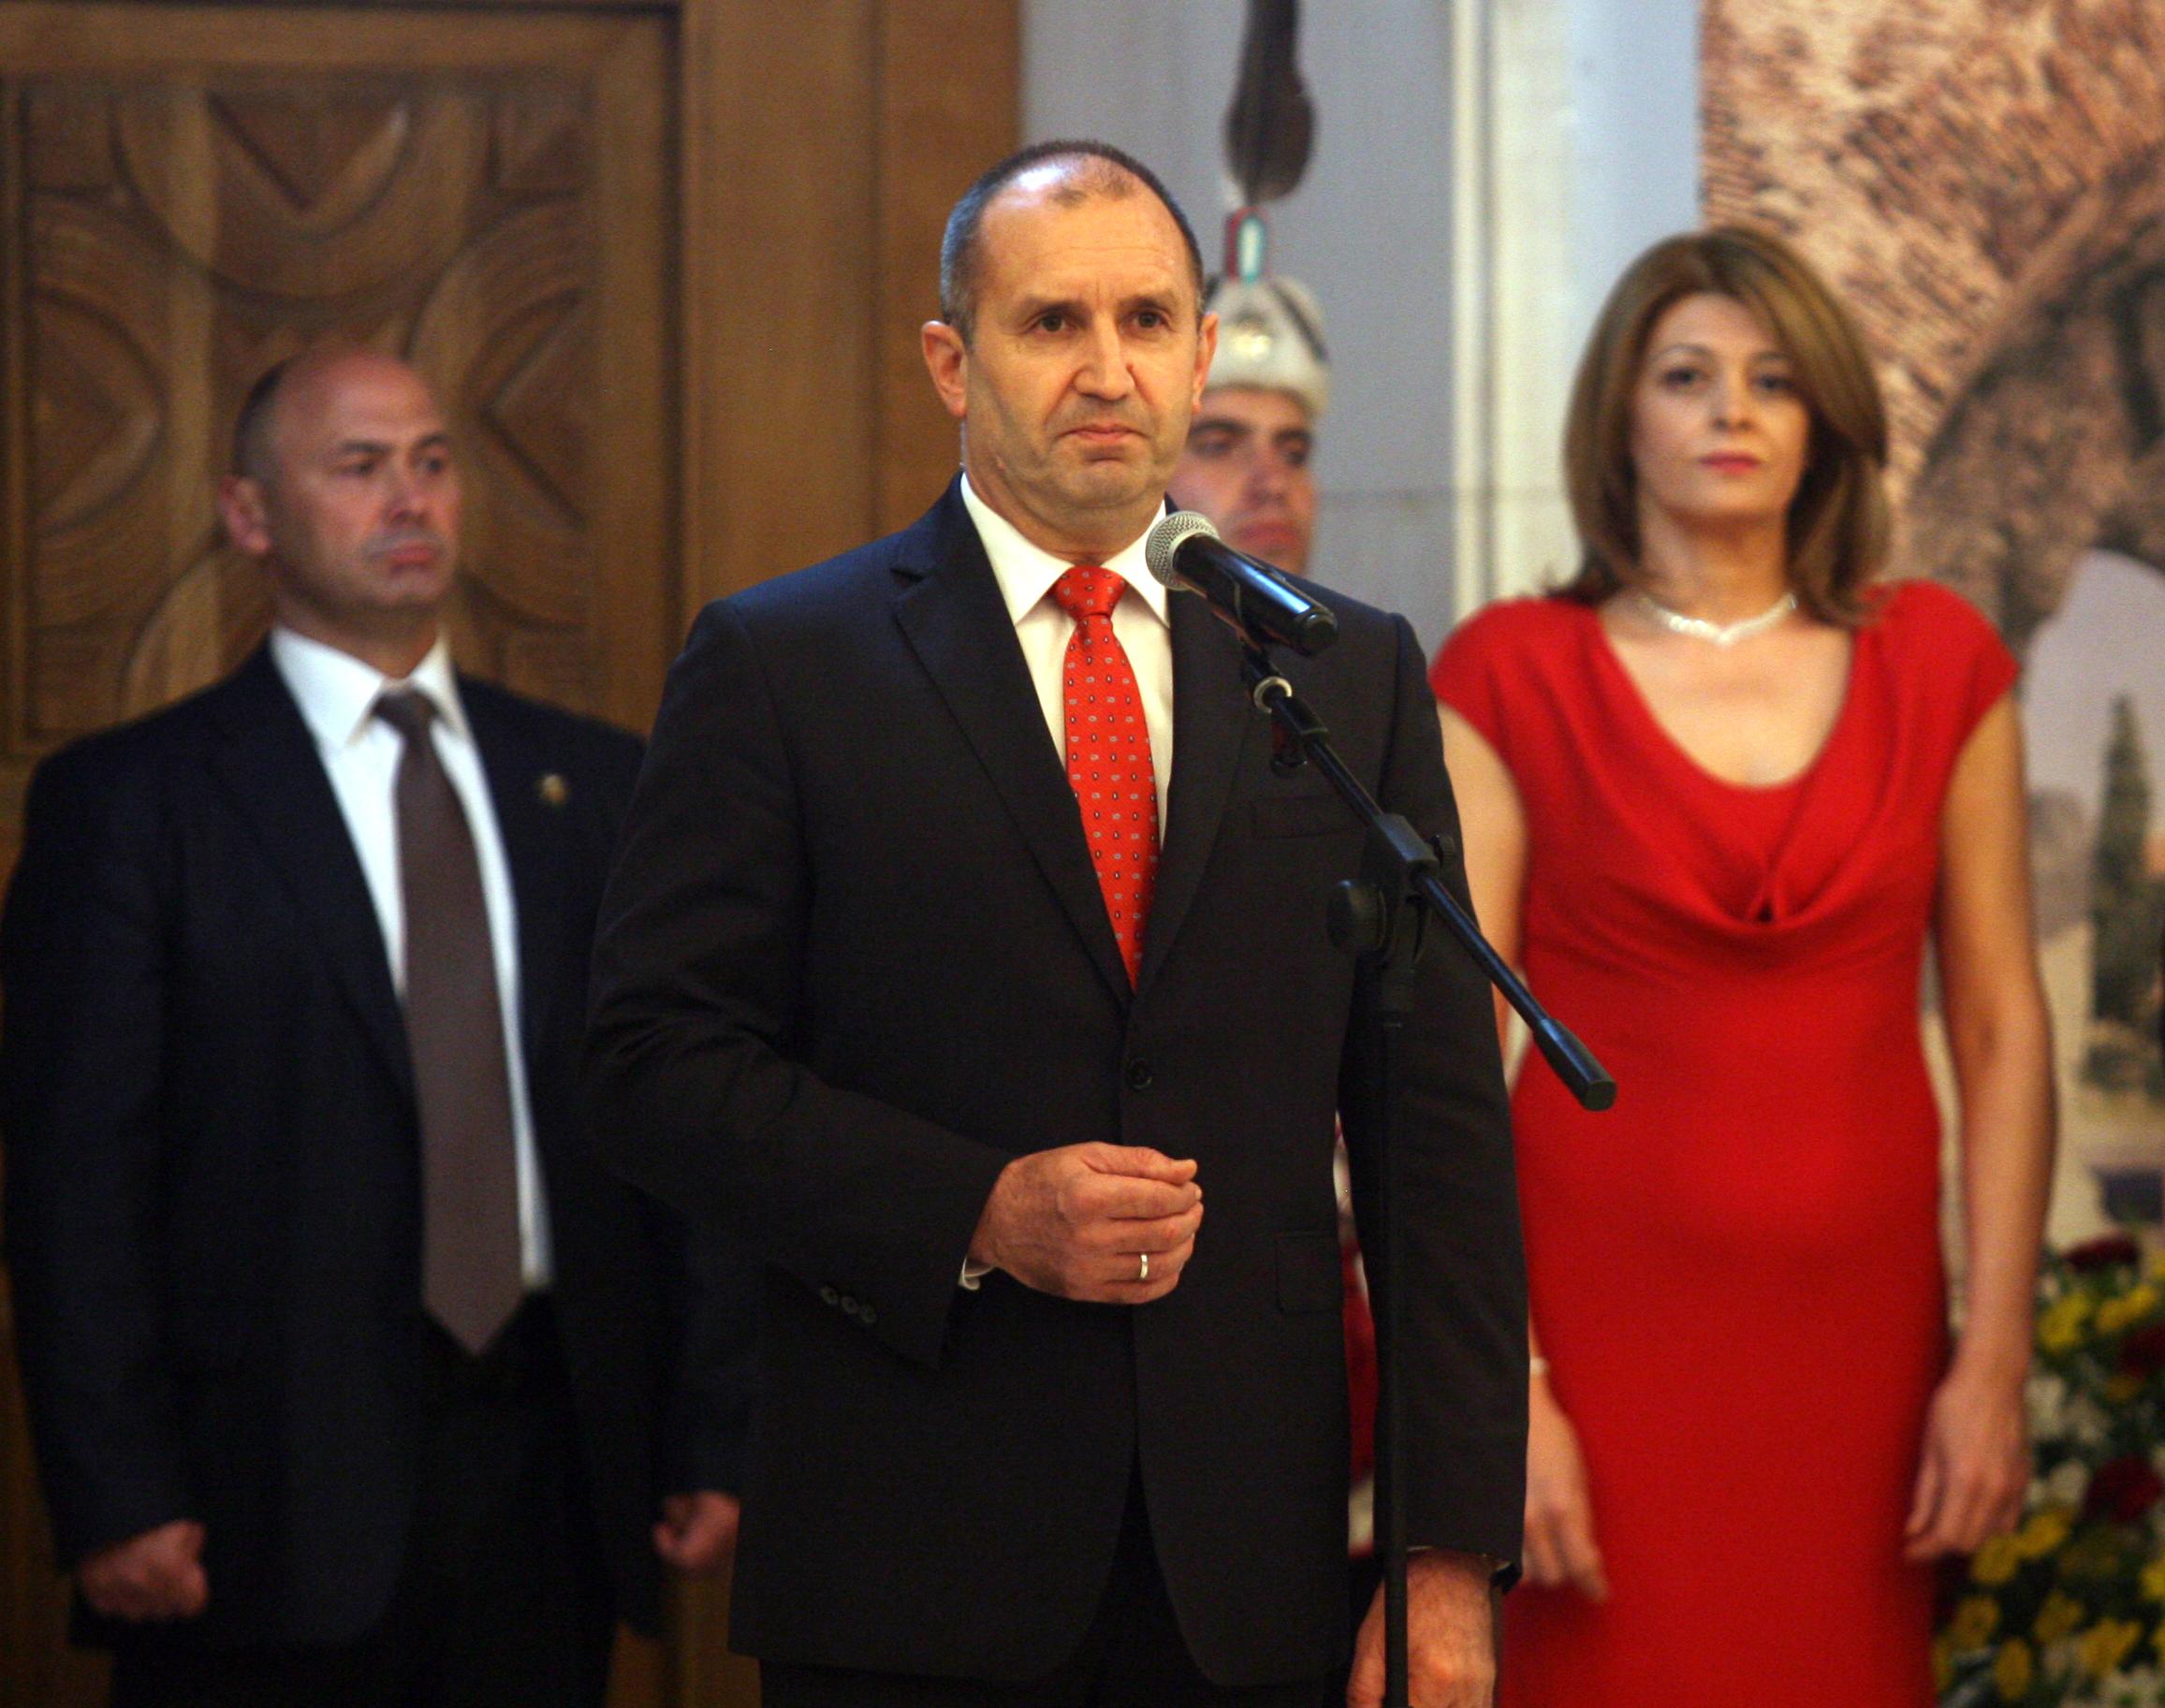 Десислава Радева придружи президента Румен Радев на традиционния прием по повод 24 май. Съпругата на държавния глава бе облечена с дълга, елегантна рокля в червено.